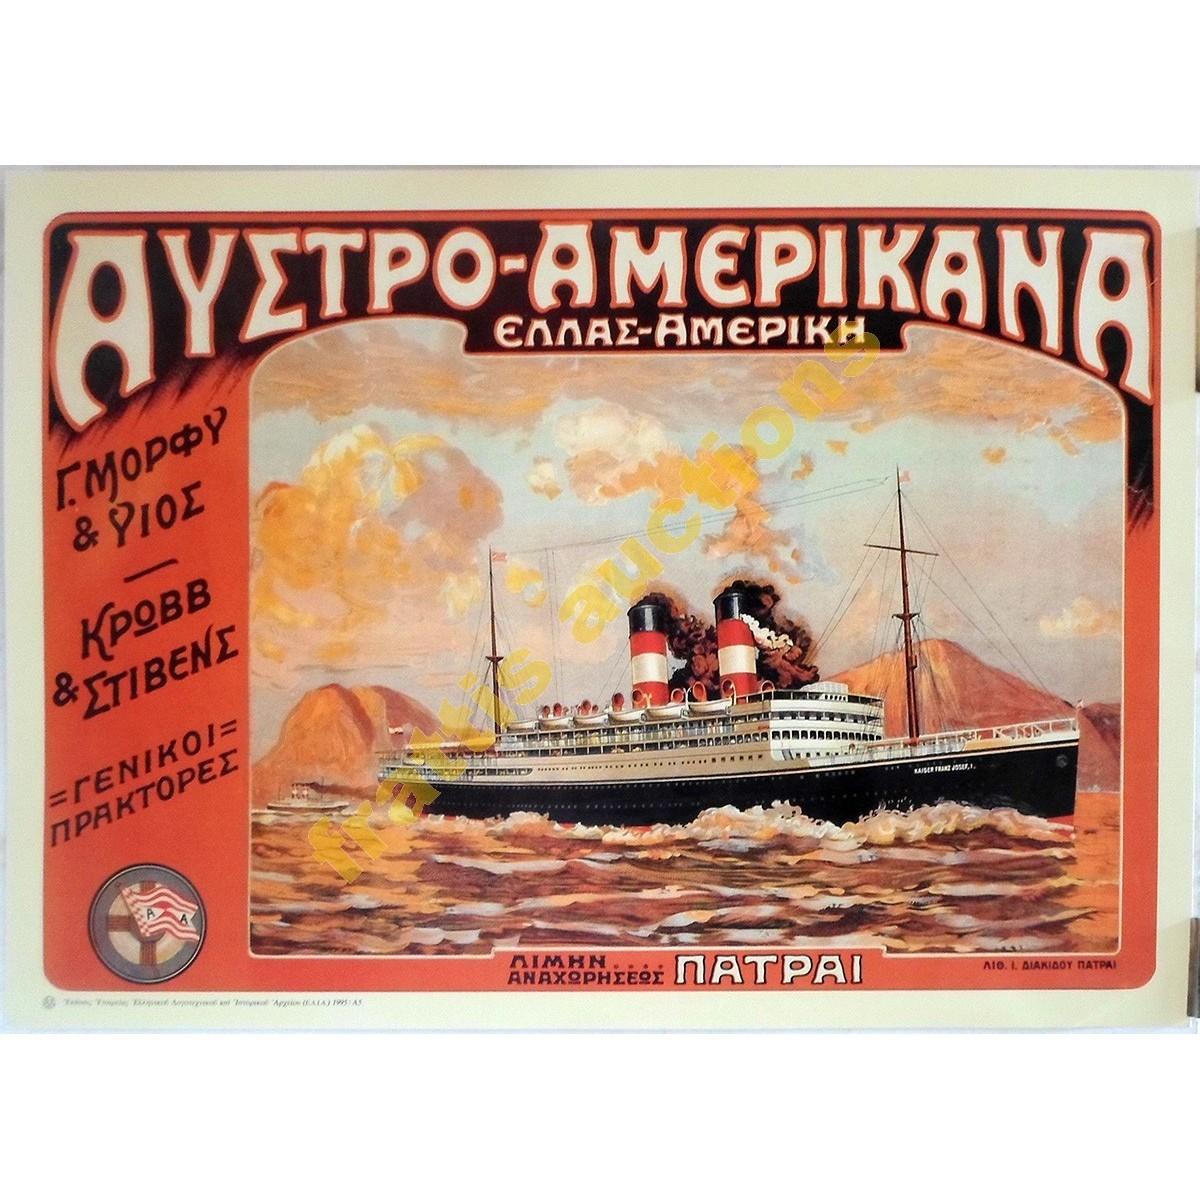 Αυστρο-Αμερικάνα, διαφημιστικό poster.